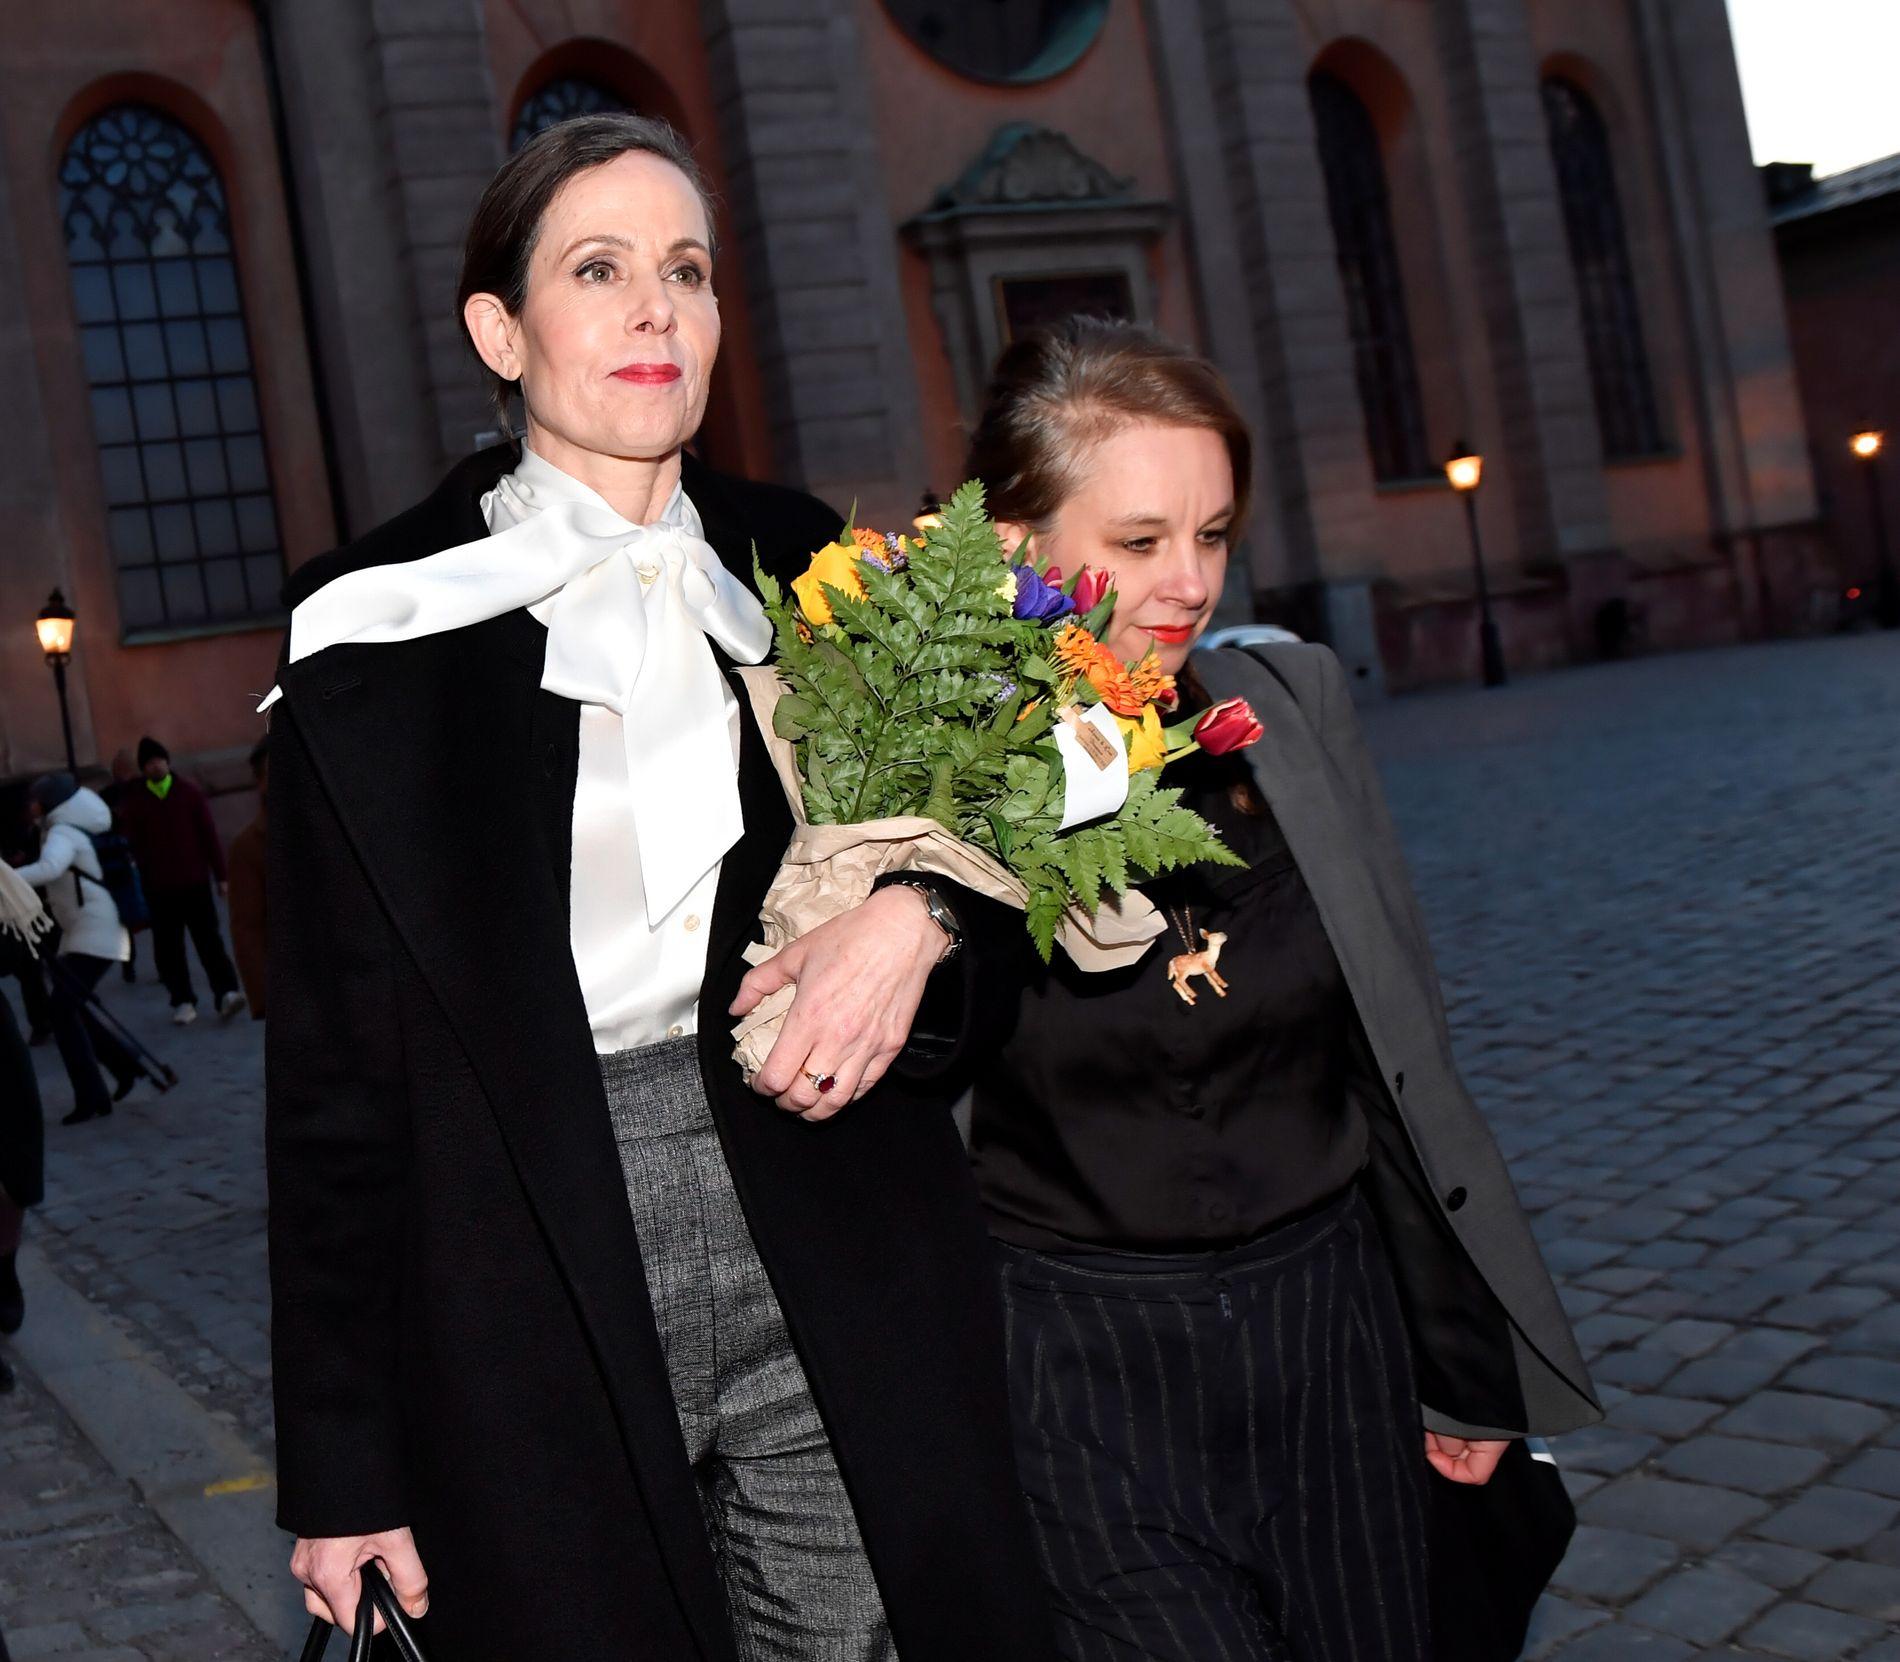 TRAKK SEG ETTER PRESS: Etter et krisemøte i Svenska Akademien 12. april, kunngjorde Sara Danius at hun trakk seg som medlem og sekretær. Her sammen med forfatter og akademimedlem Sara Stridsberg som også nylig trakk seg. Nå har Akademien besluttet at de ikke deler ut Nobelprisen i litteratur i år.